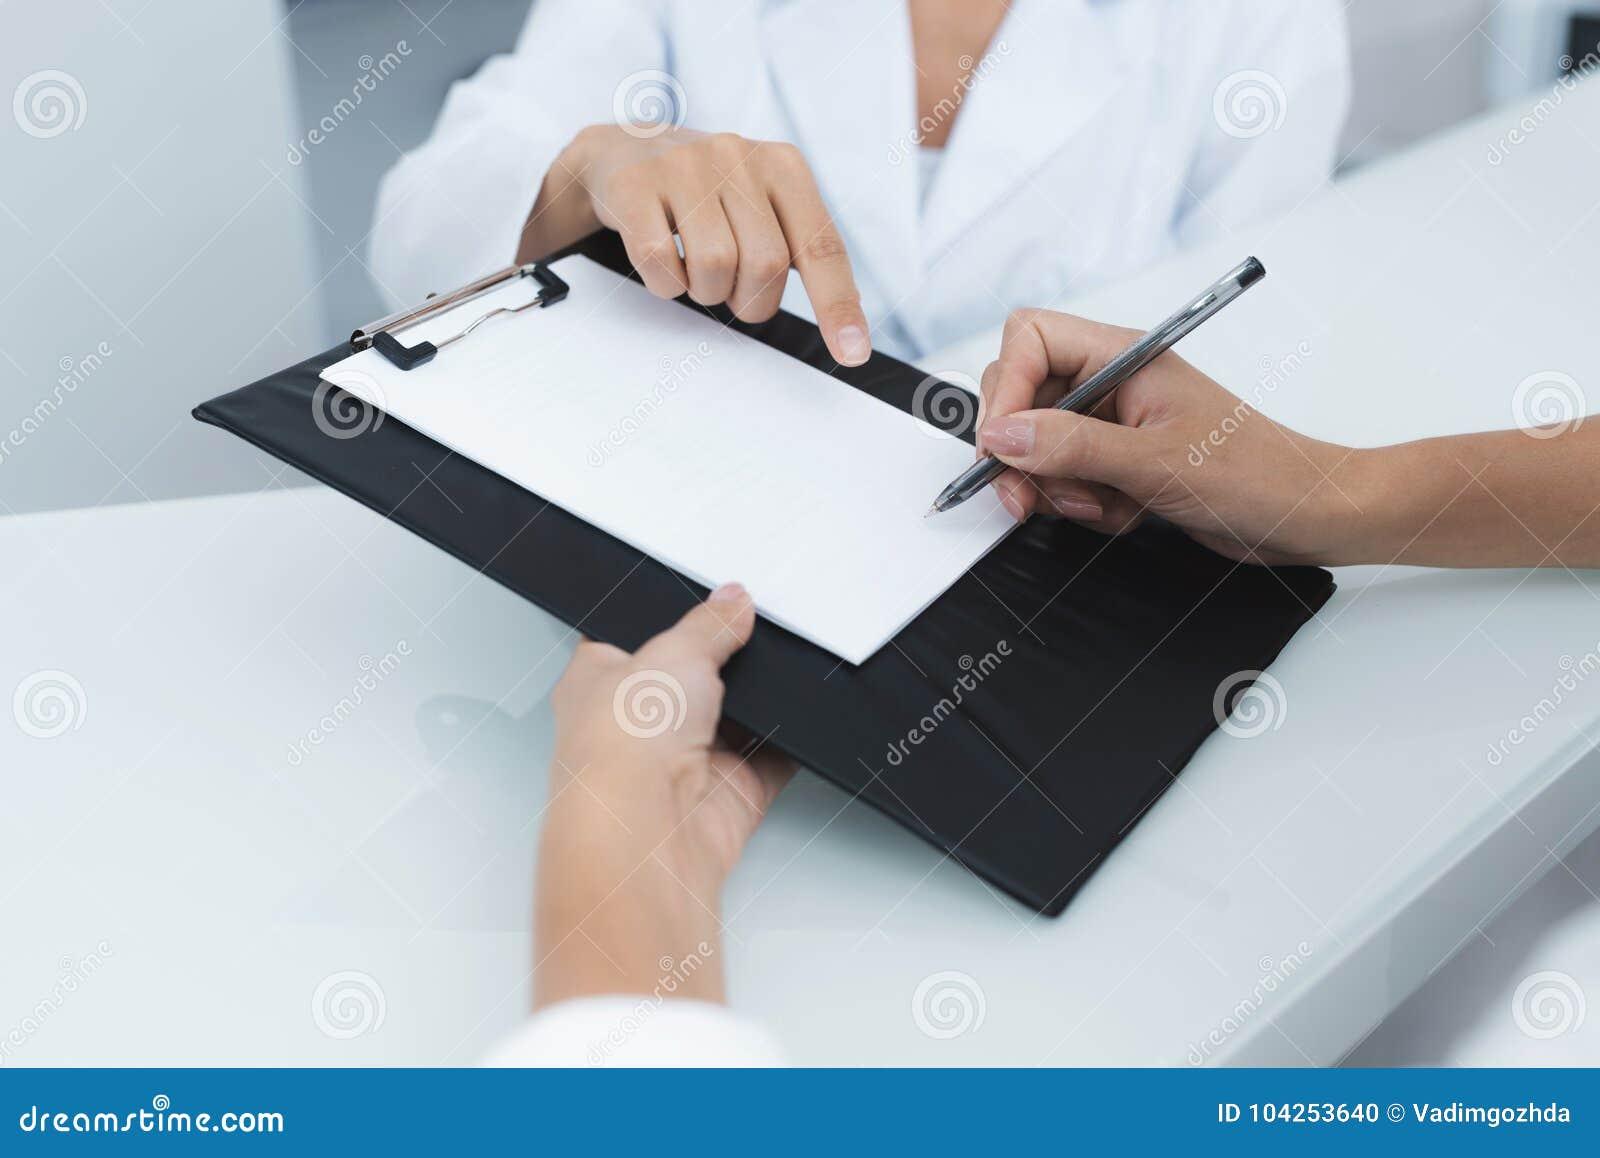 关闭 一家诊所的秘书帮助耐心在开始治疗前填好必要的形式